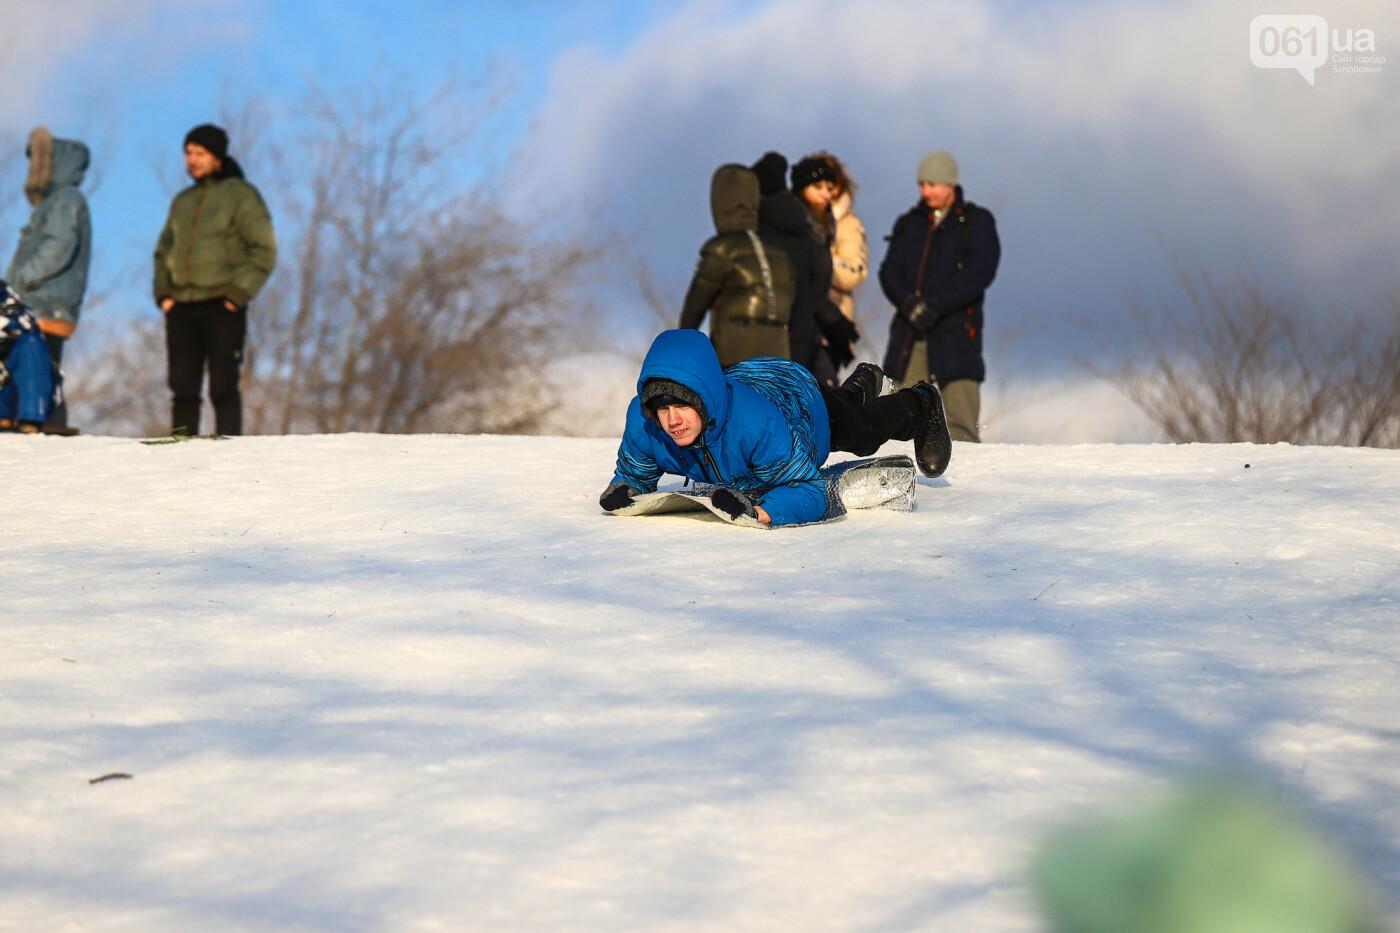 На санках, лыжах и сноуборде: запорожцы устроили массовое катание с горок в Вознесеновском парке, - ФОТОРЕПОРТАЖ, фото-68